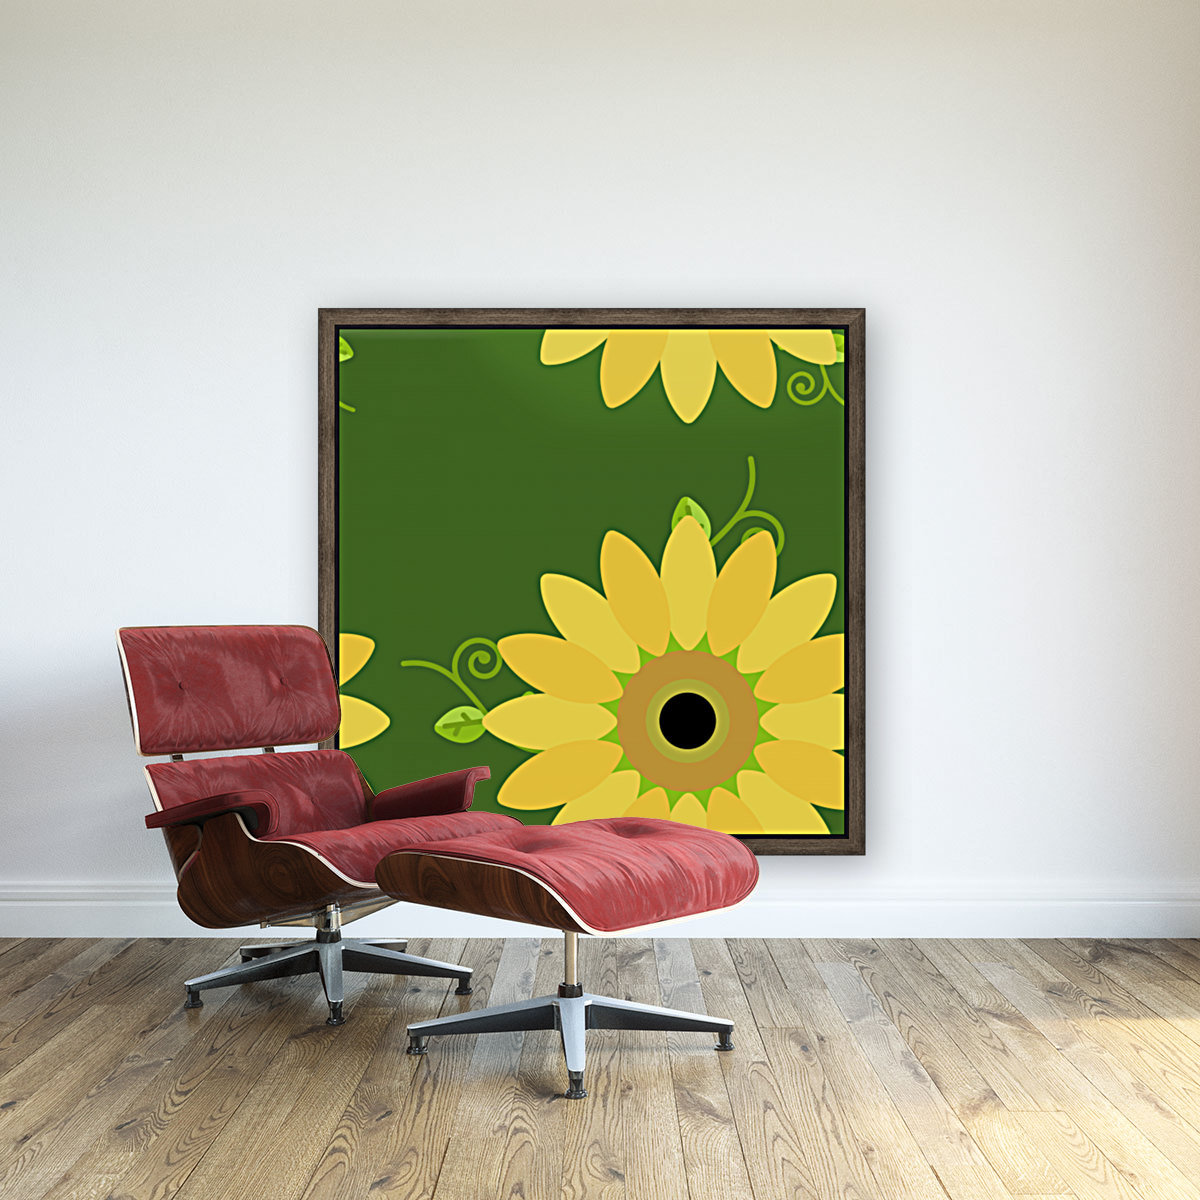 Sunflower (59)_1559876376.6225  Art